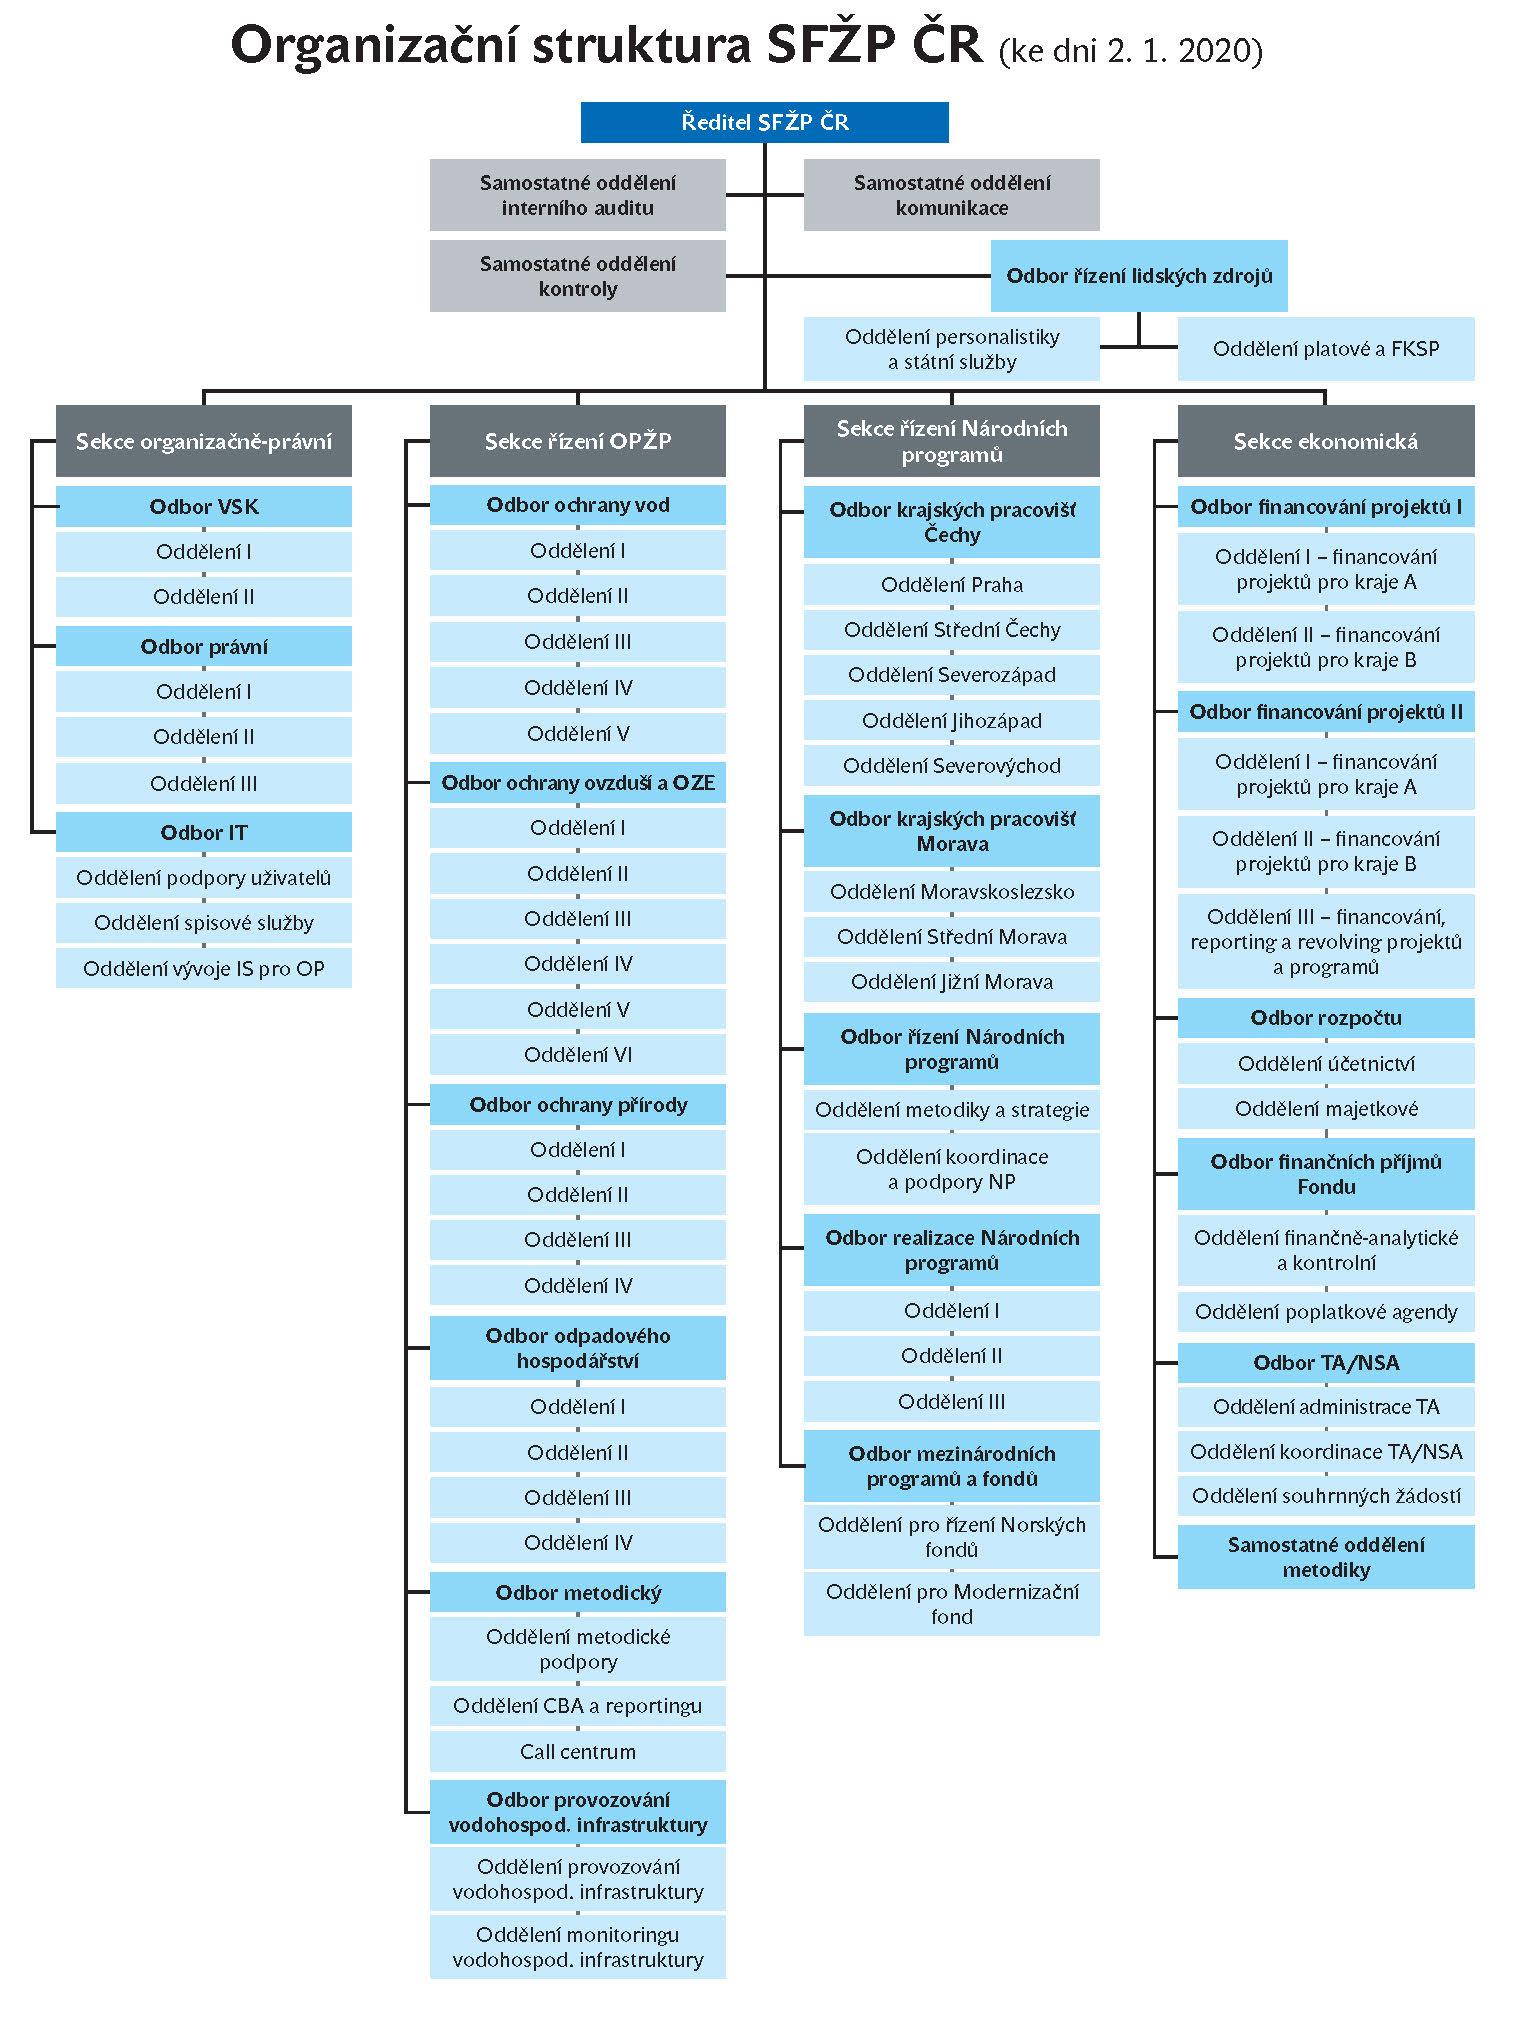 Organizační struktura SFŽP ČR k 1. 1. 2020 - graf